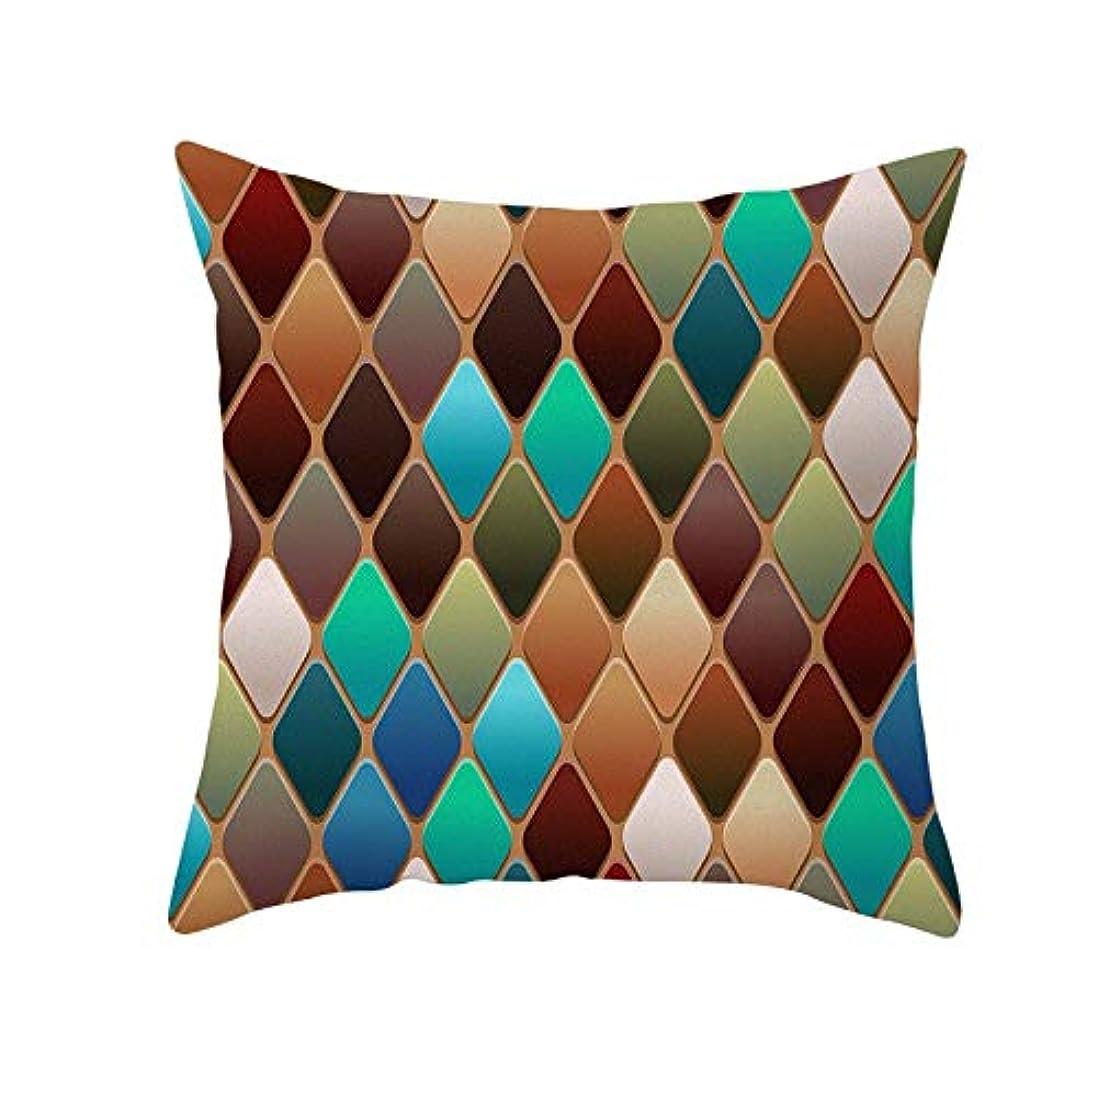 サミット排気地味なLIFE 装飾クッションソファ 幾何学プリントポリエステル正方形の枕ソファスロークッション家の装飾 coussin デ長椅子 クッション 椅子